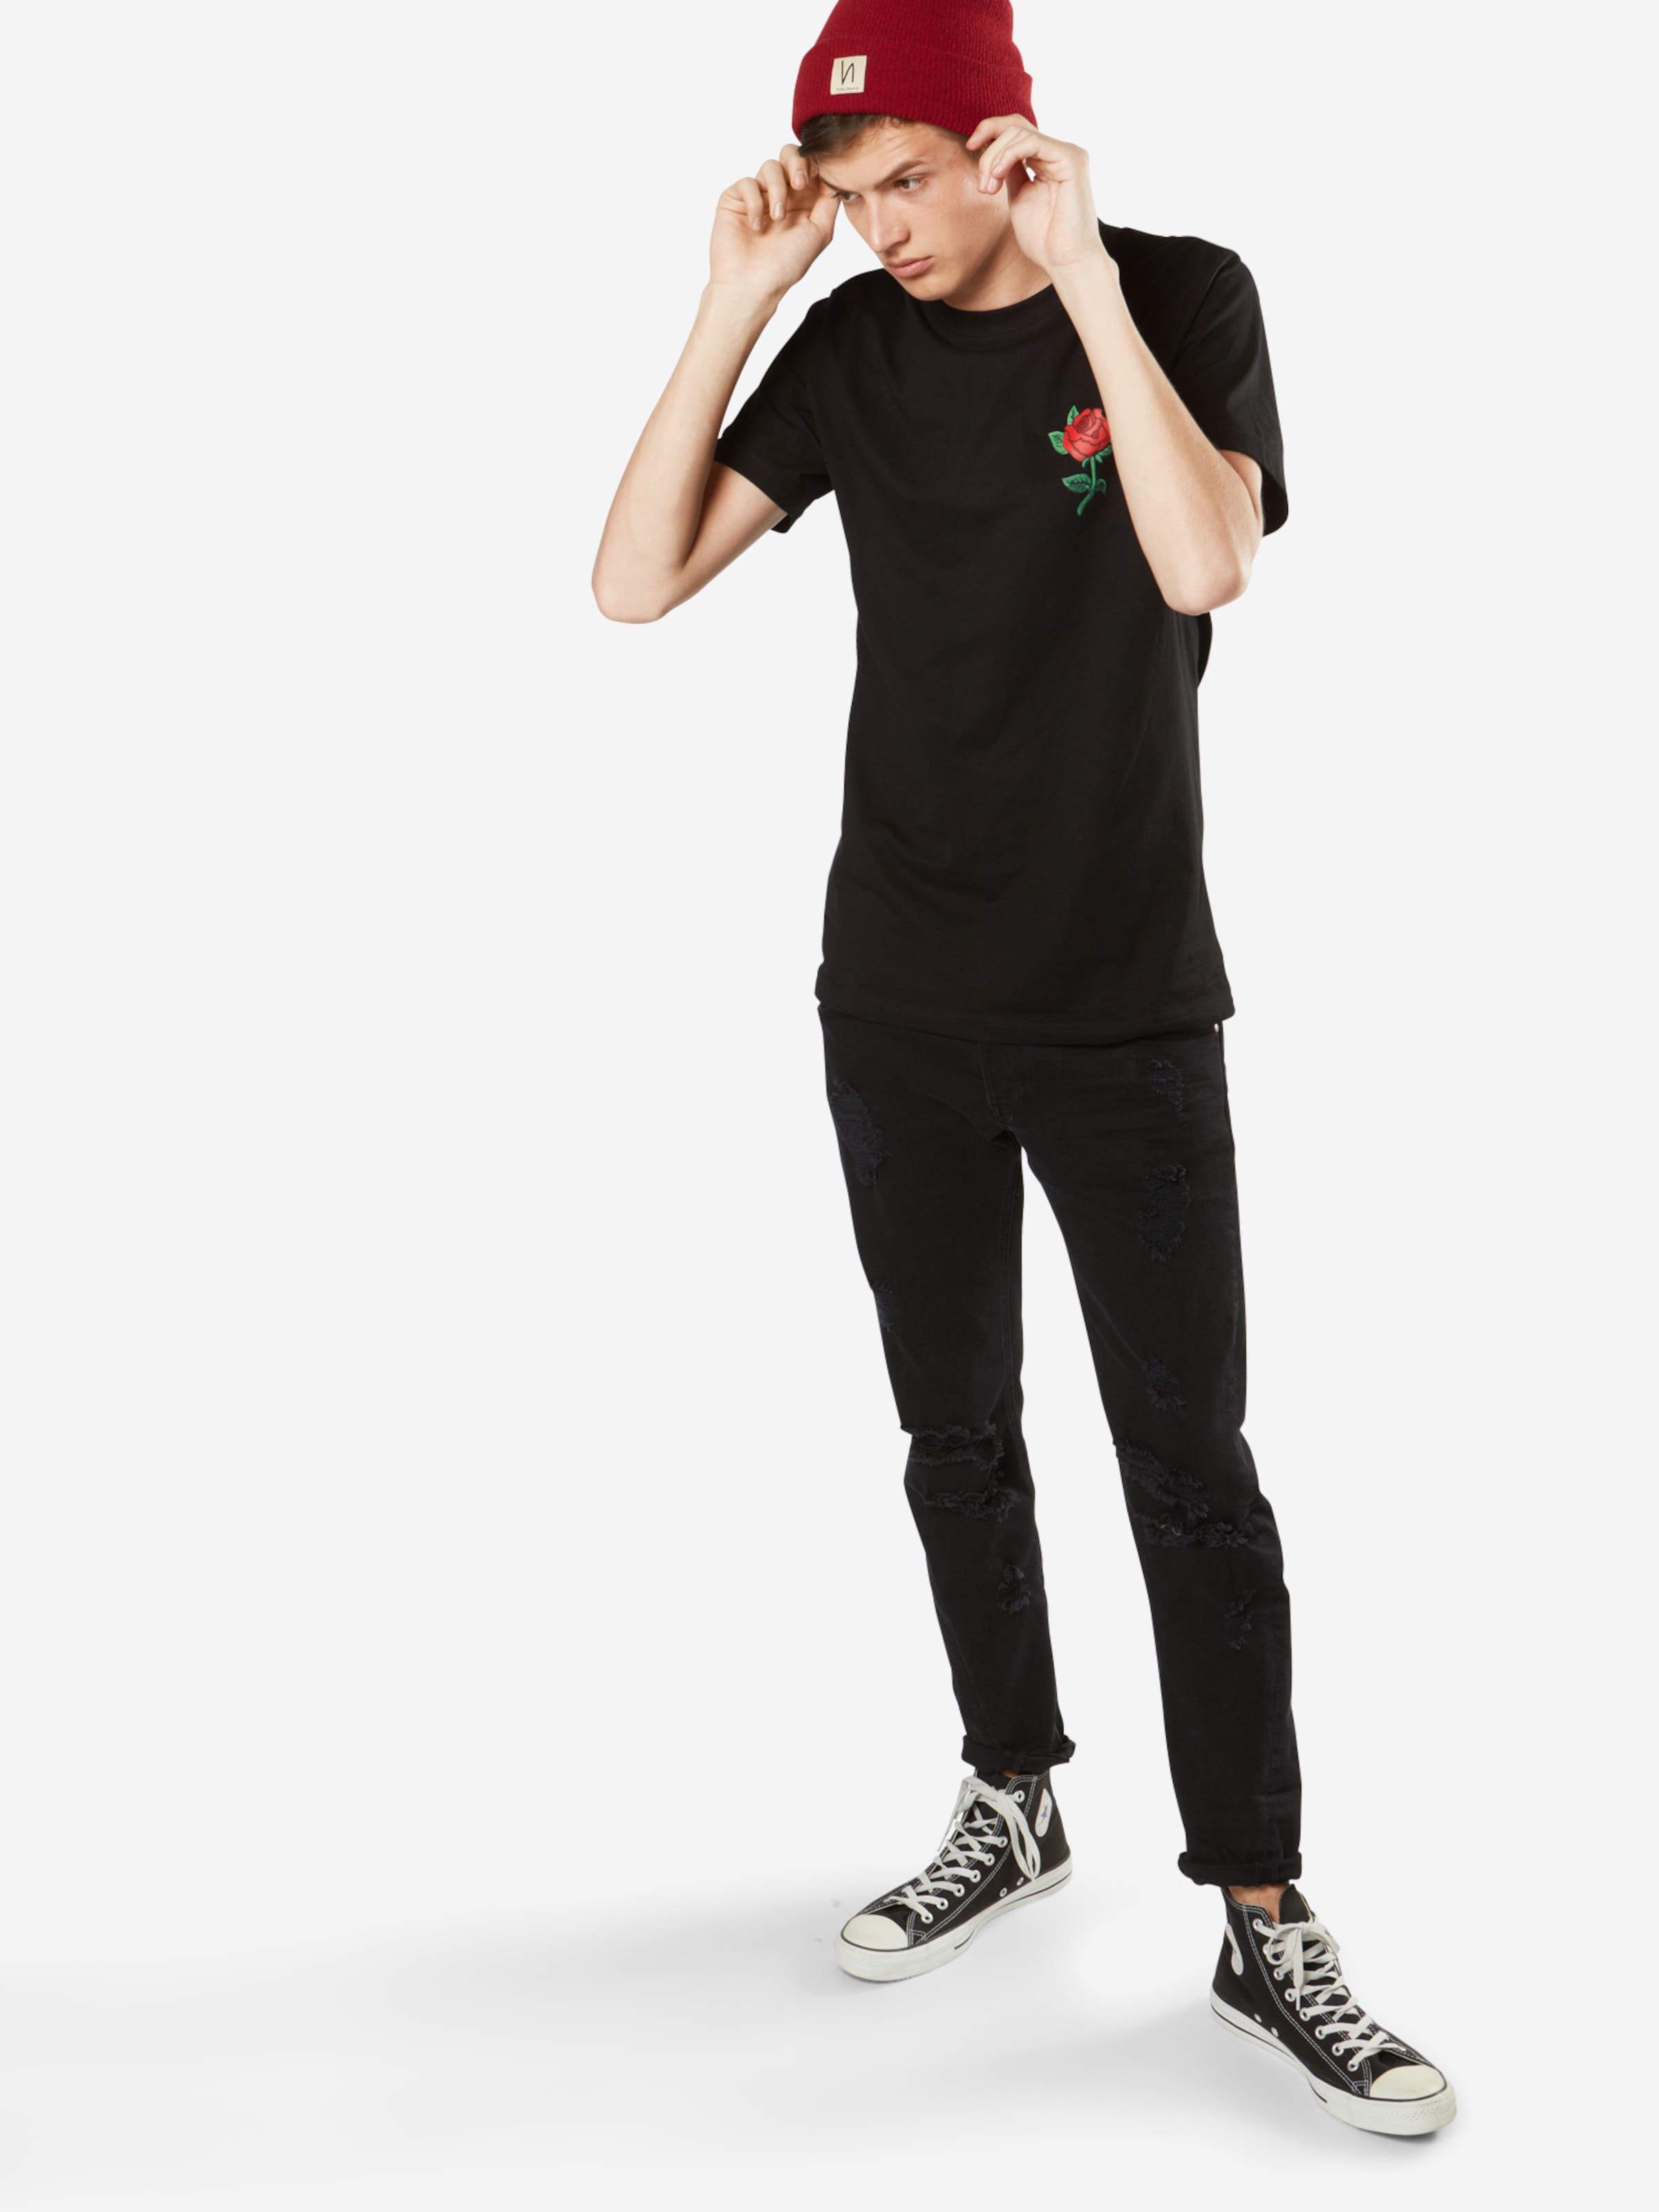 Mister Feu T VertRouge Tee En shirt 'rose' Noir LzVjSqUpGM